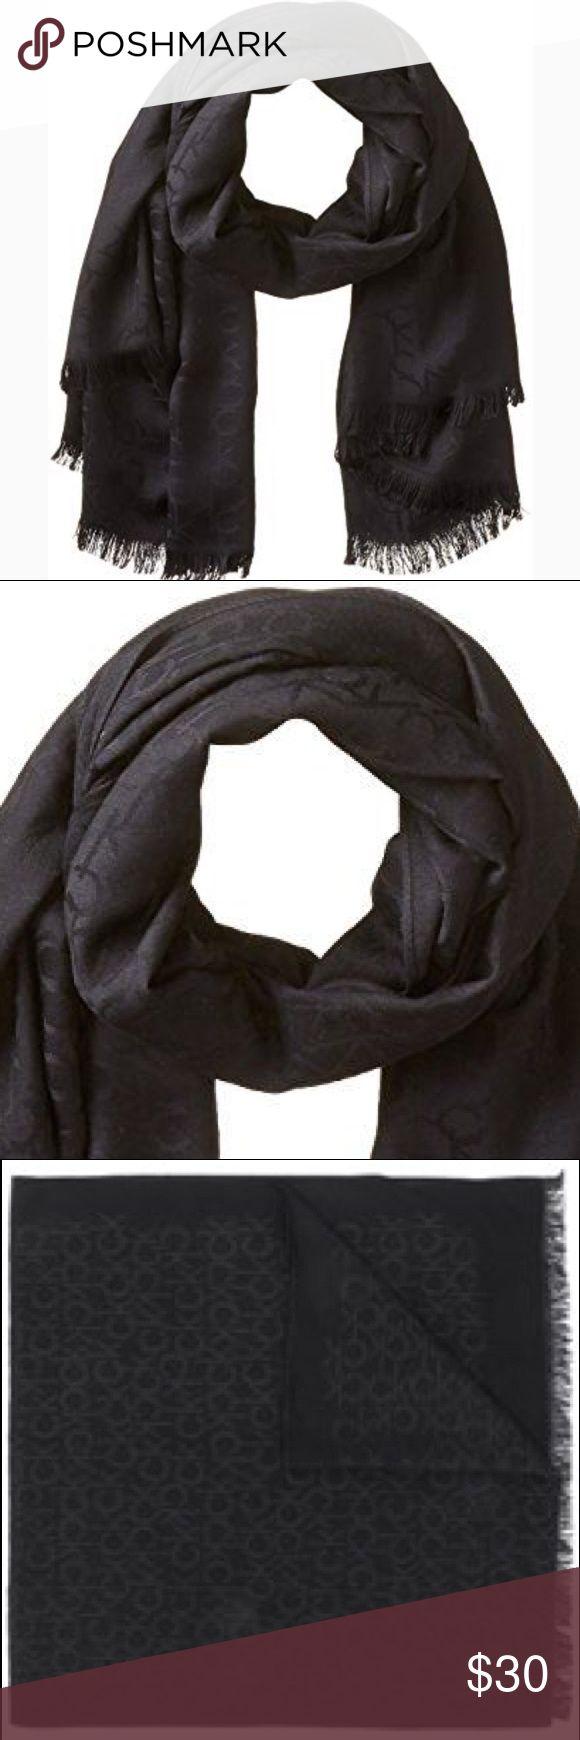 👹Calvin Klein Logo Pashmina Scarf 🧣 Calvin Klein Logo Pashmina Scarf 🧣  Exactly as shown in pics. Soft pashmina scarf with CK logo throughout. Brand new without tags   Happy Poshing - Lizz Calvin Klein Accessories Scarves & Wraps